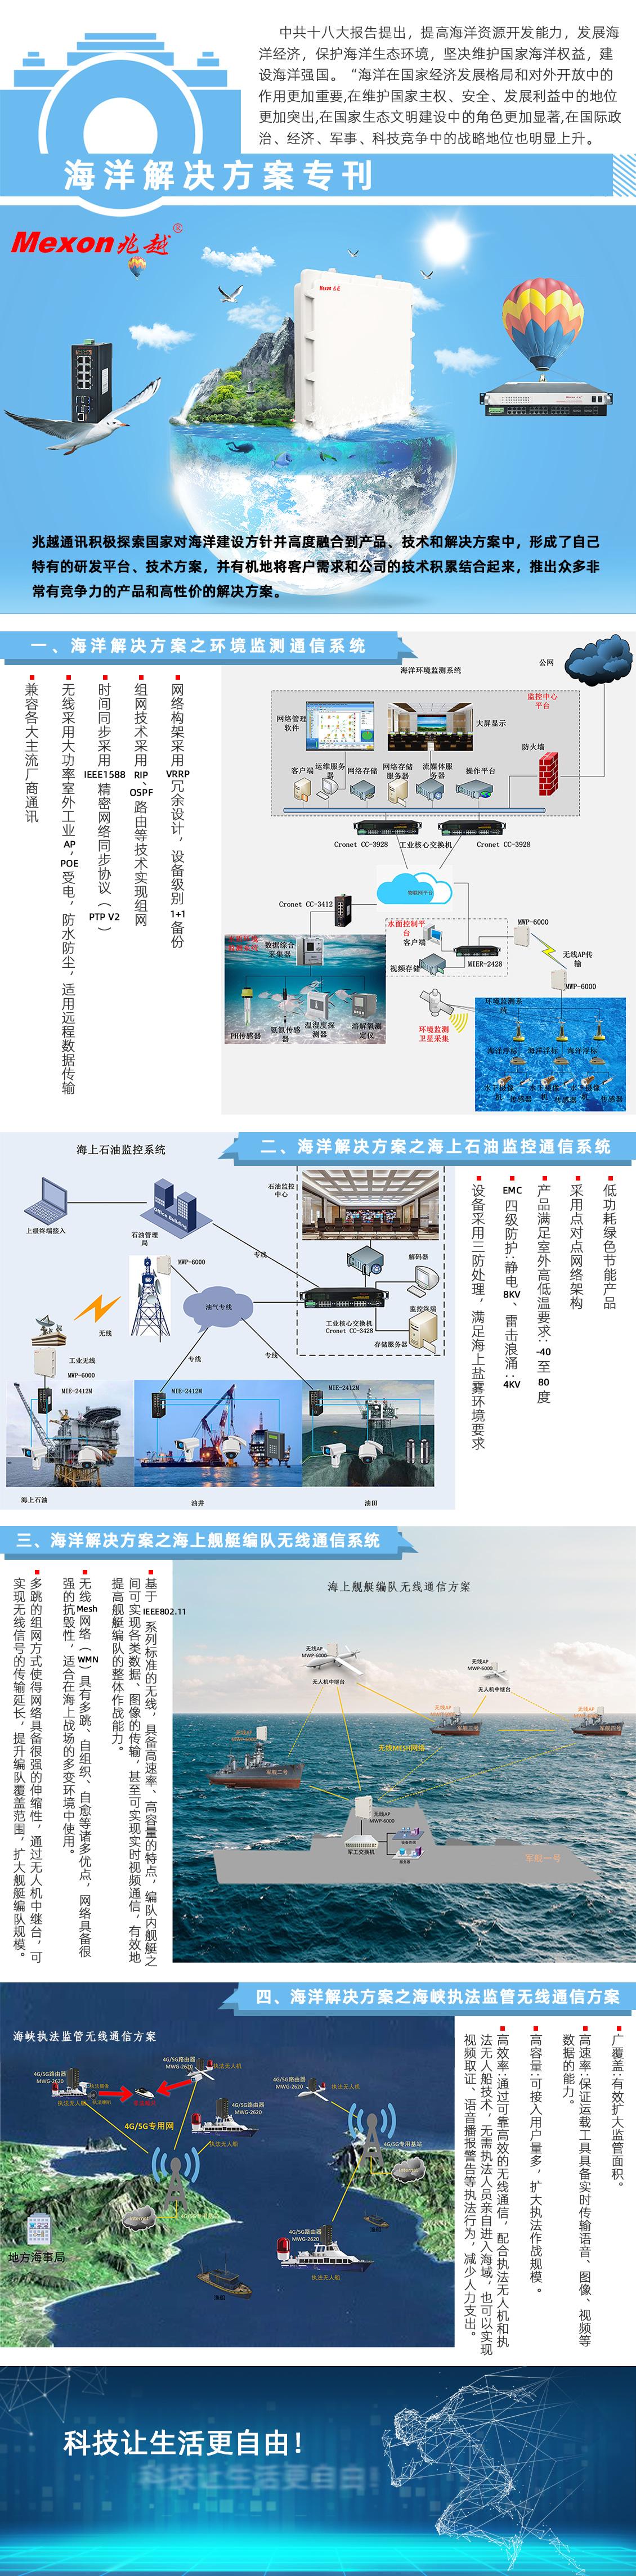 海洋解决方案专刊.jpg